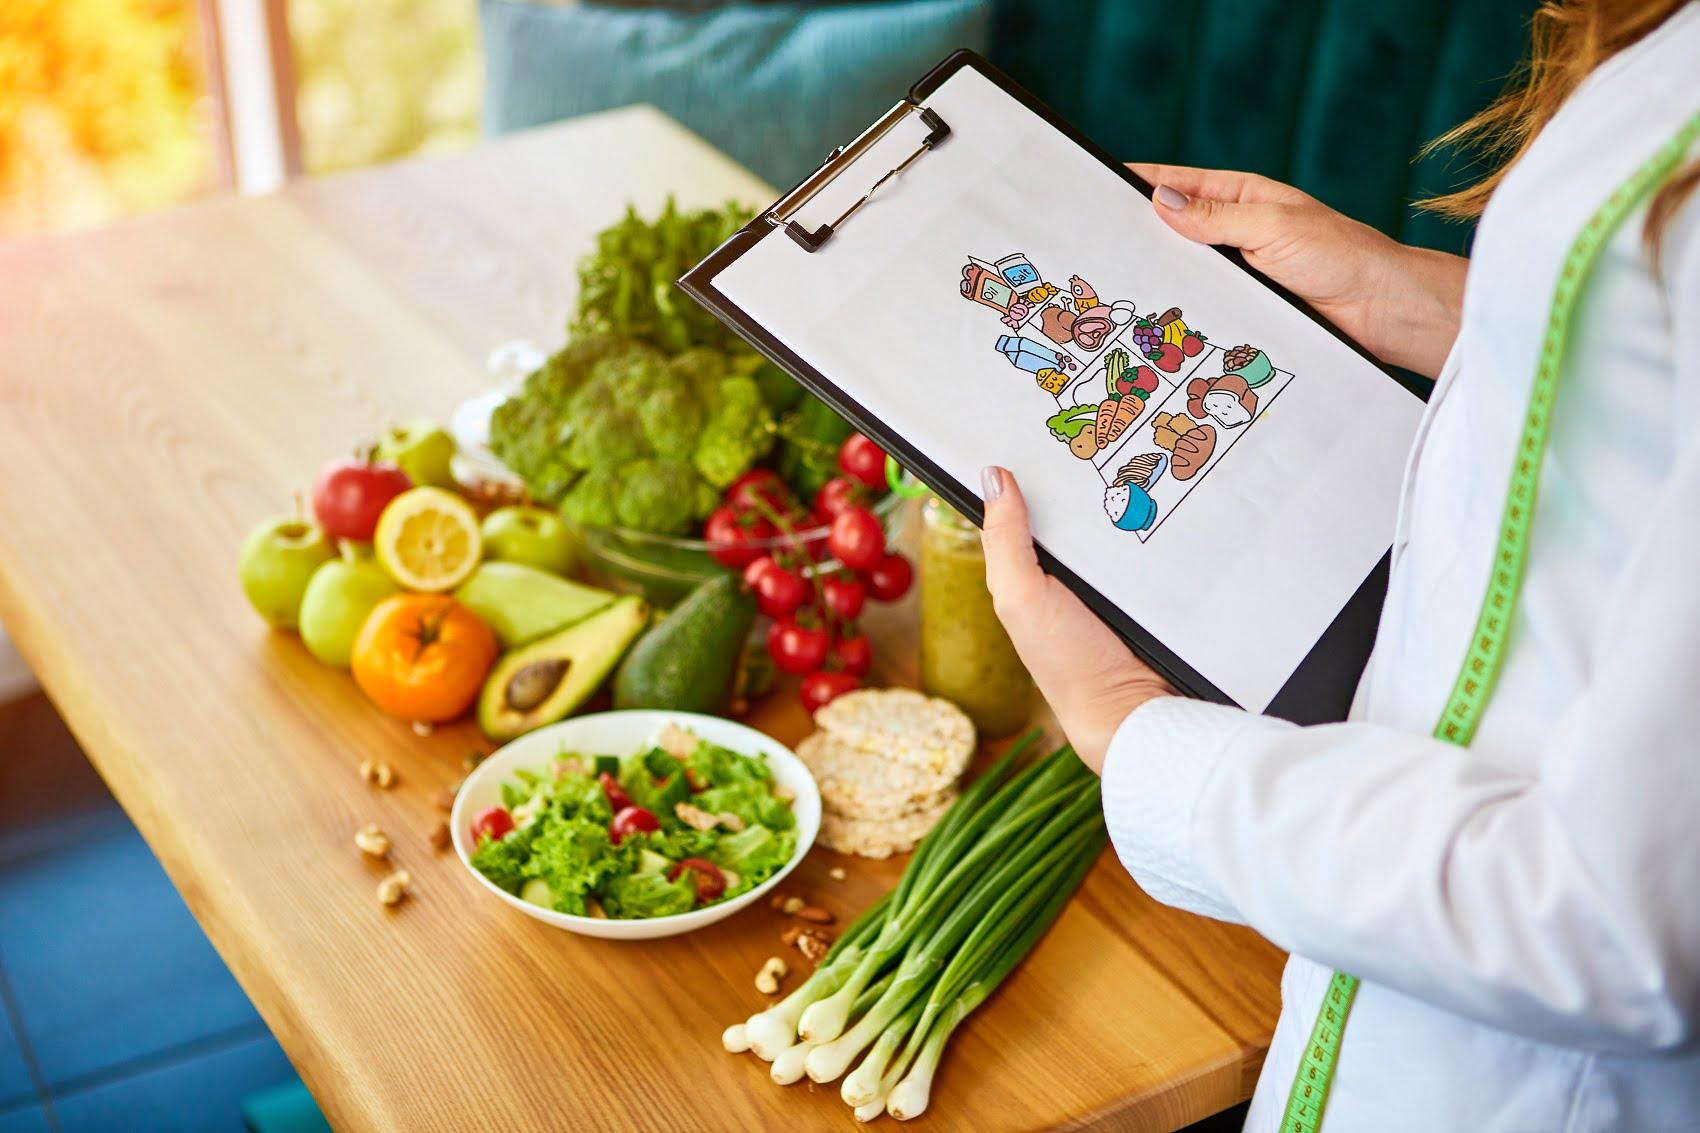 Θέσε τις σωστές βάσεις διατροφής κι ευζωίας με την ειδικότητα του ΙΕΚ Ωμέγα!